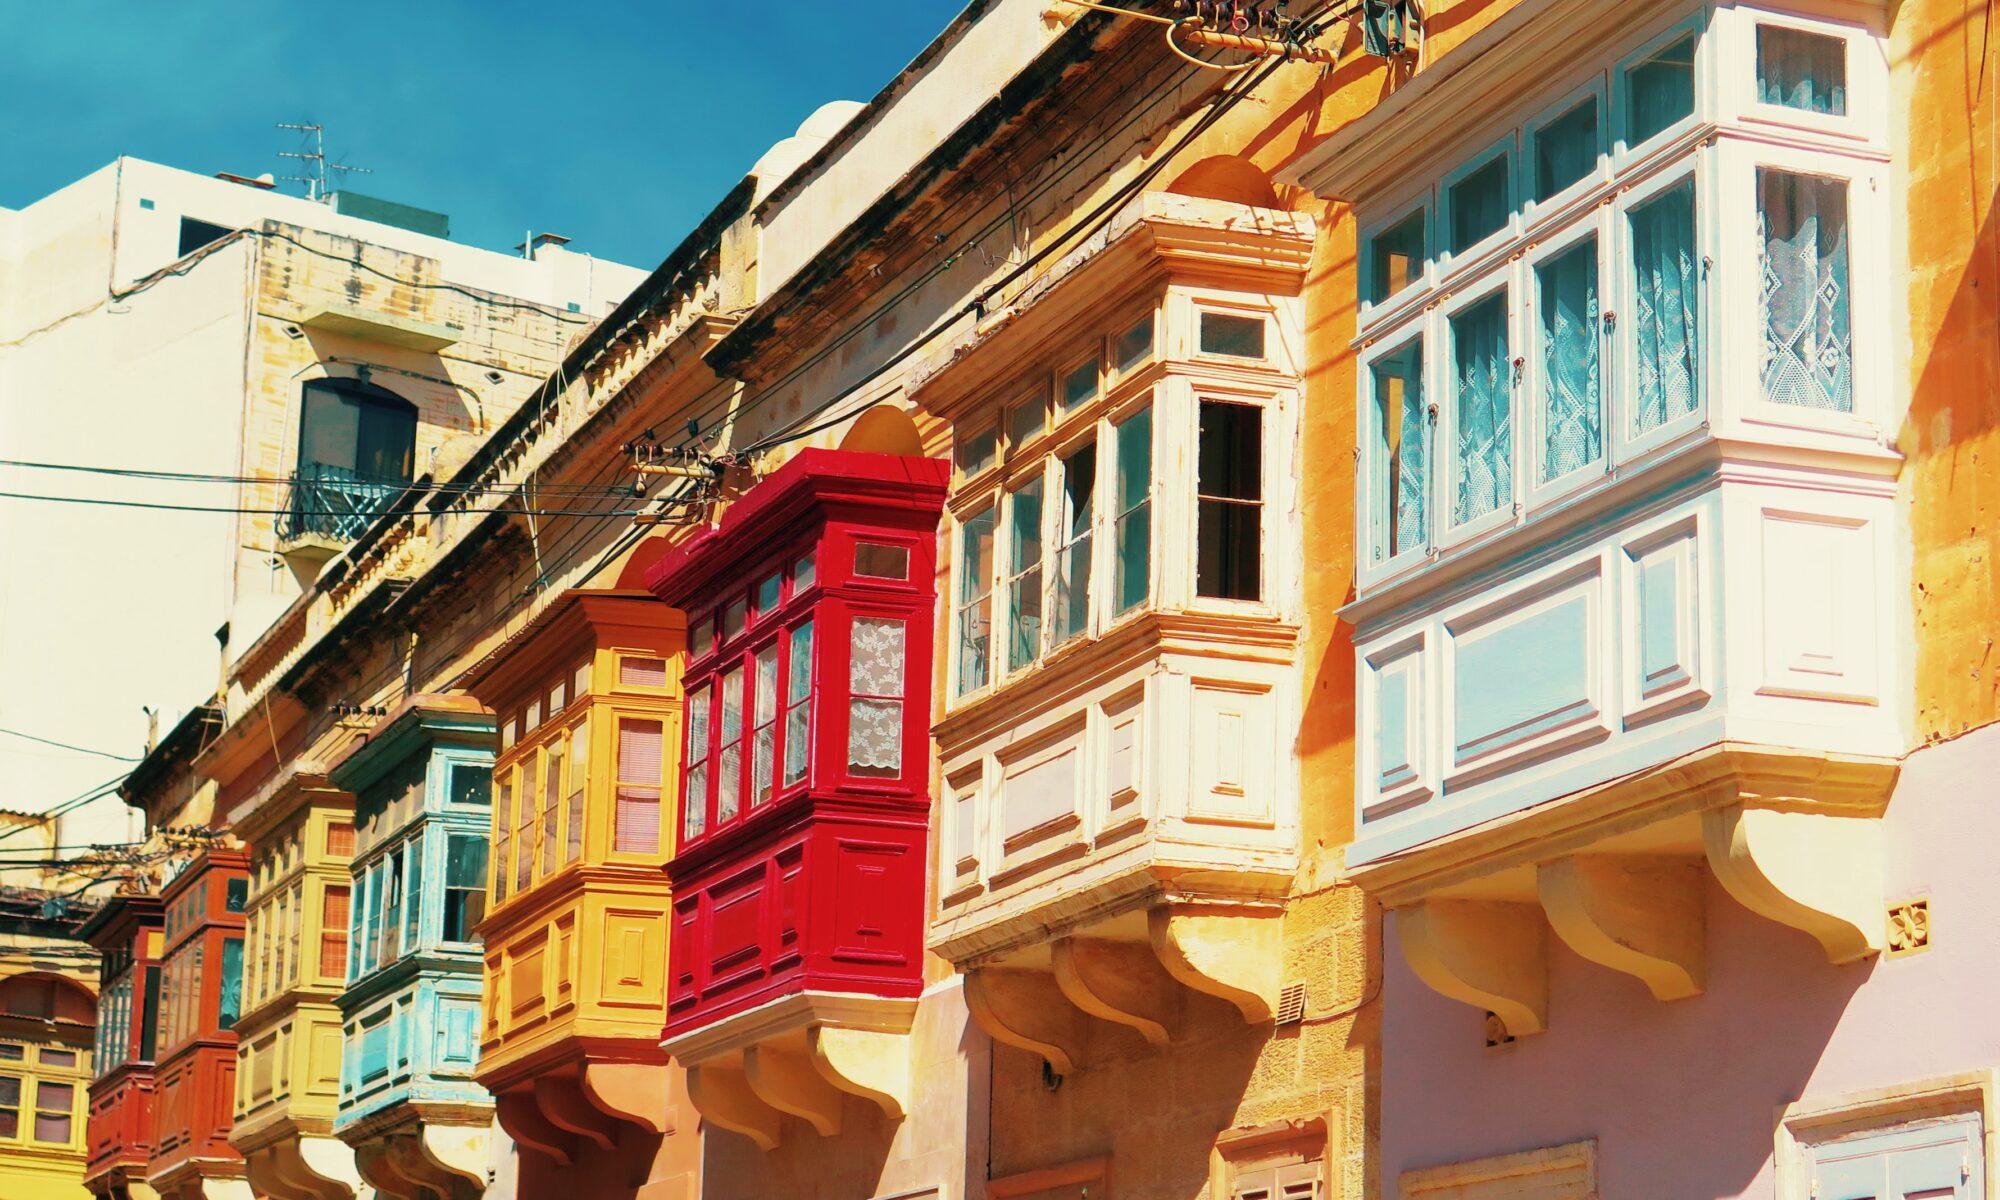 Home Insurance in Malta